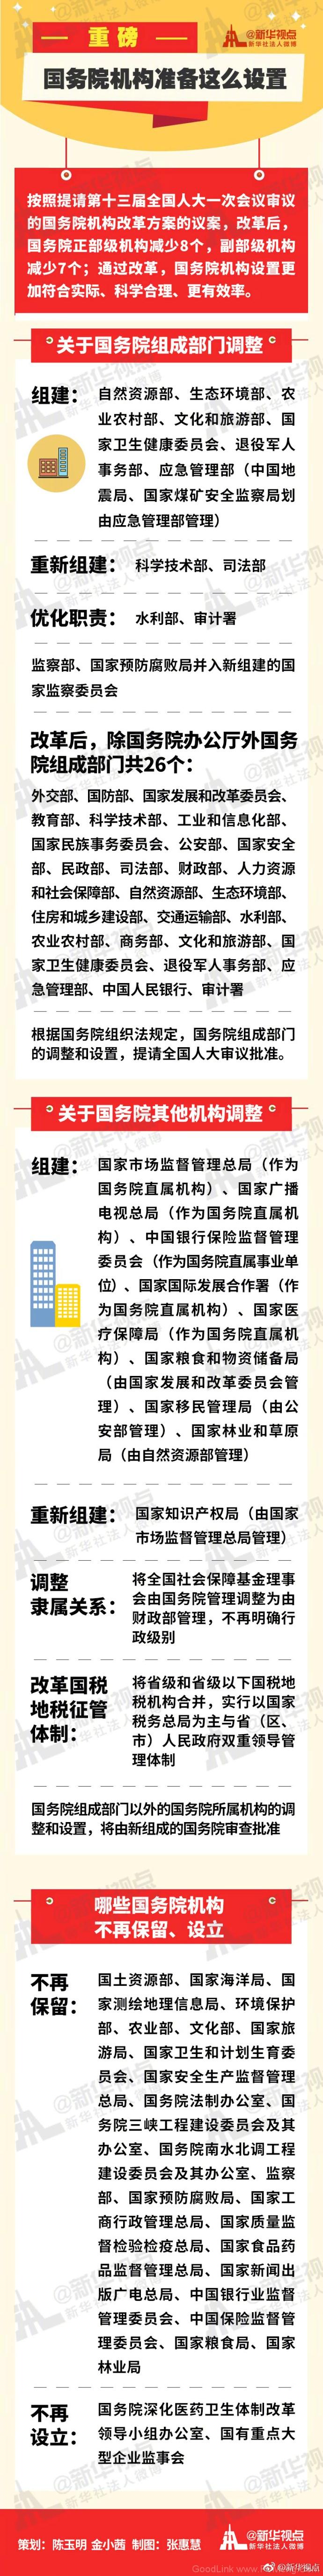 国务院设置26个组成部门 这些新部门将亮相